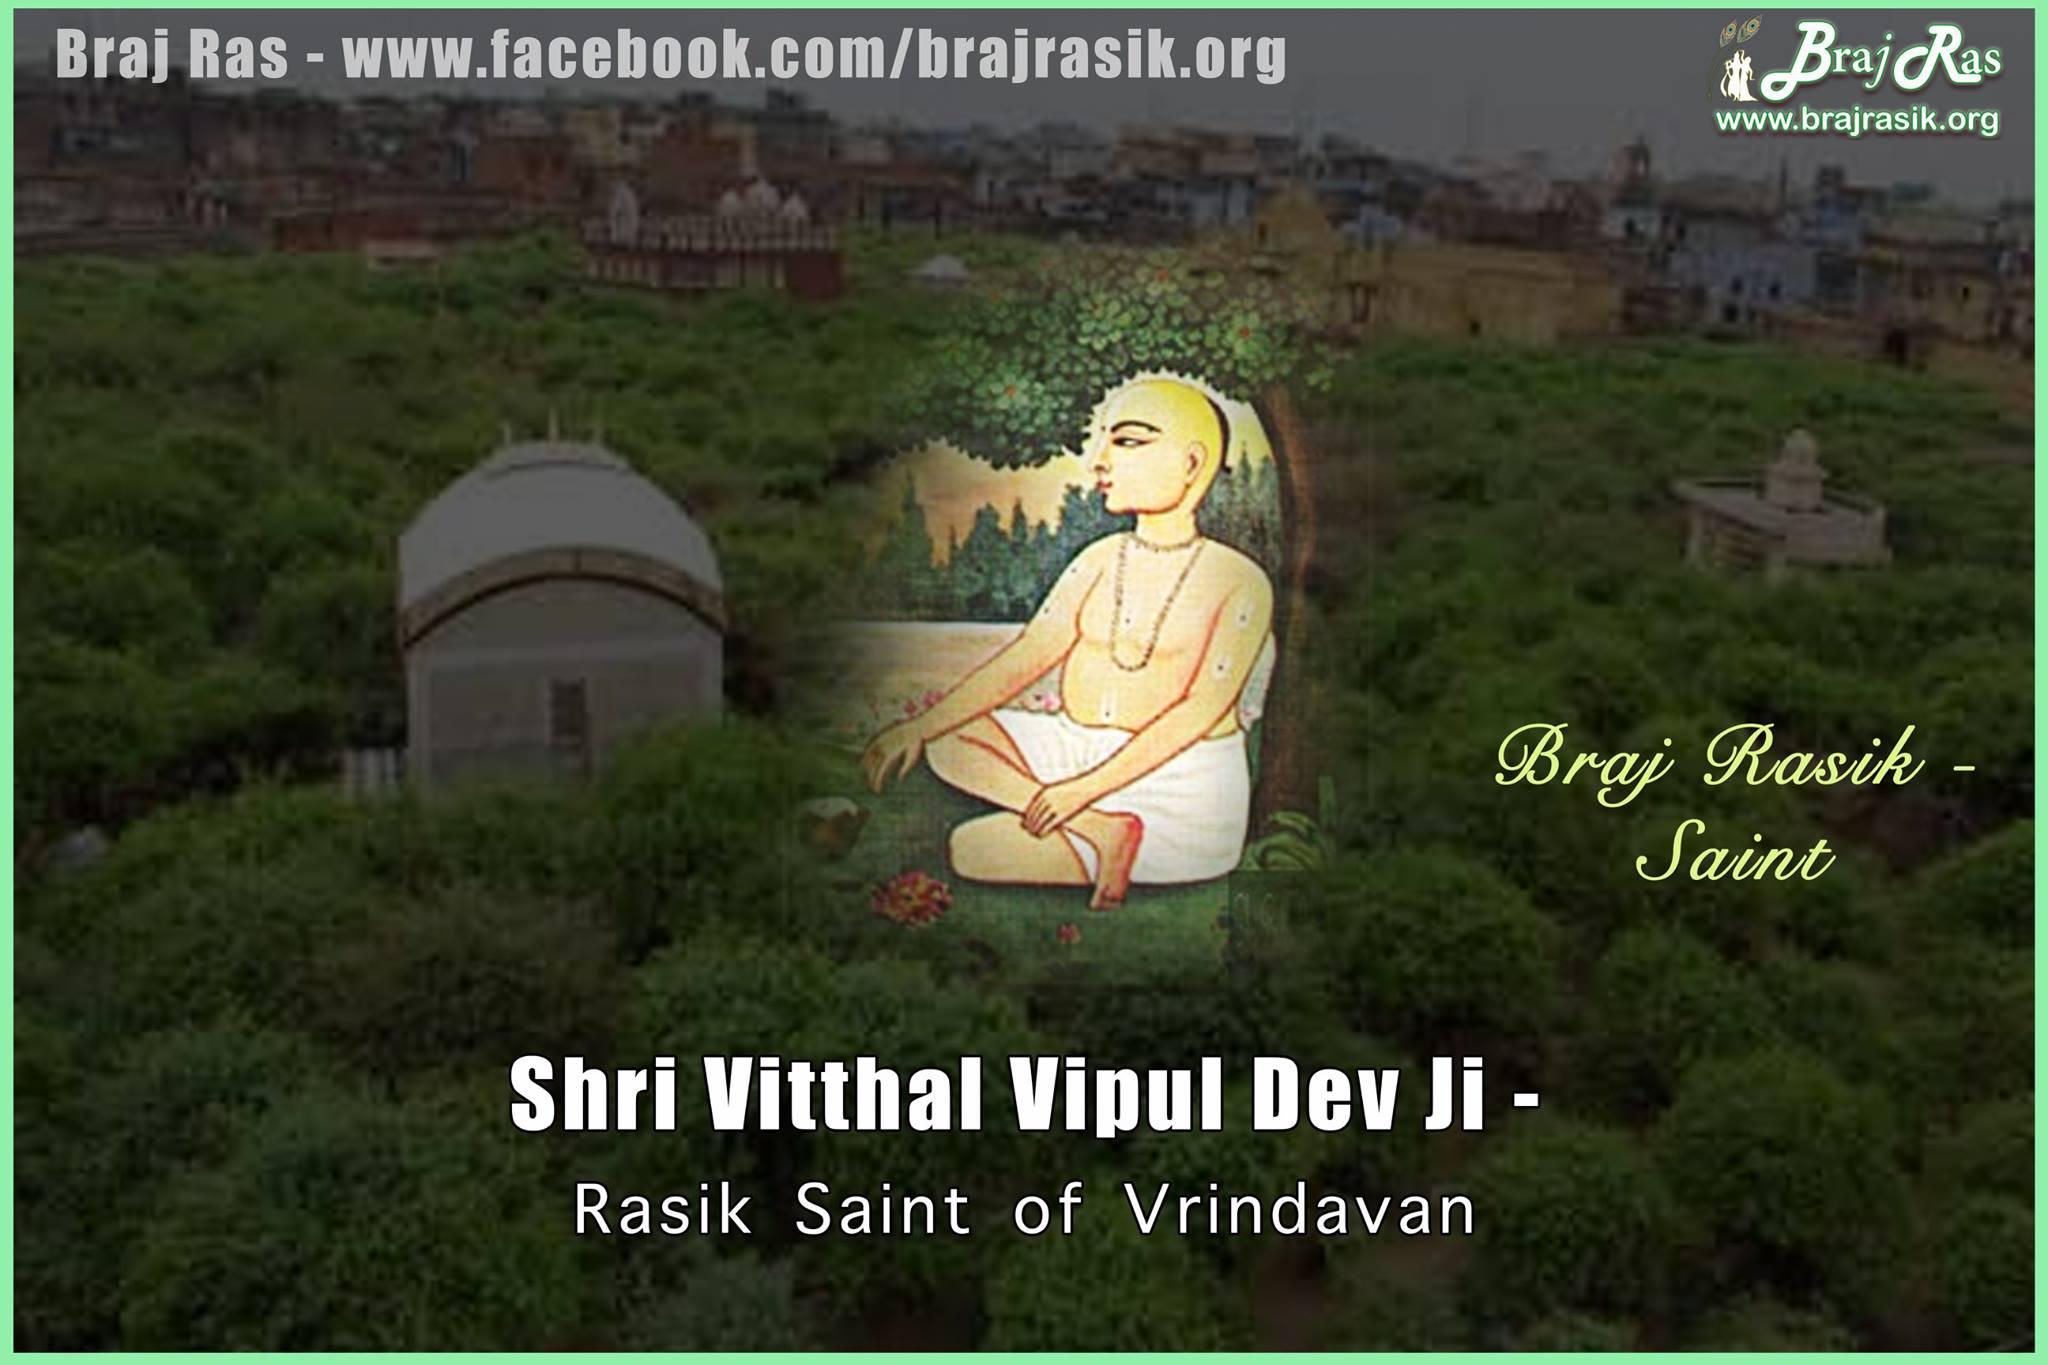 Shri Vitthal Vipul Dev Ji - Rasik Saint of Vrindavan